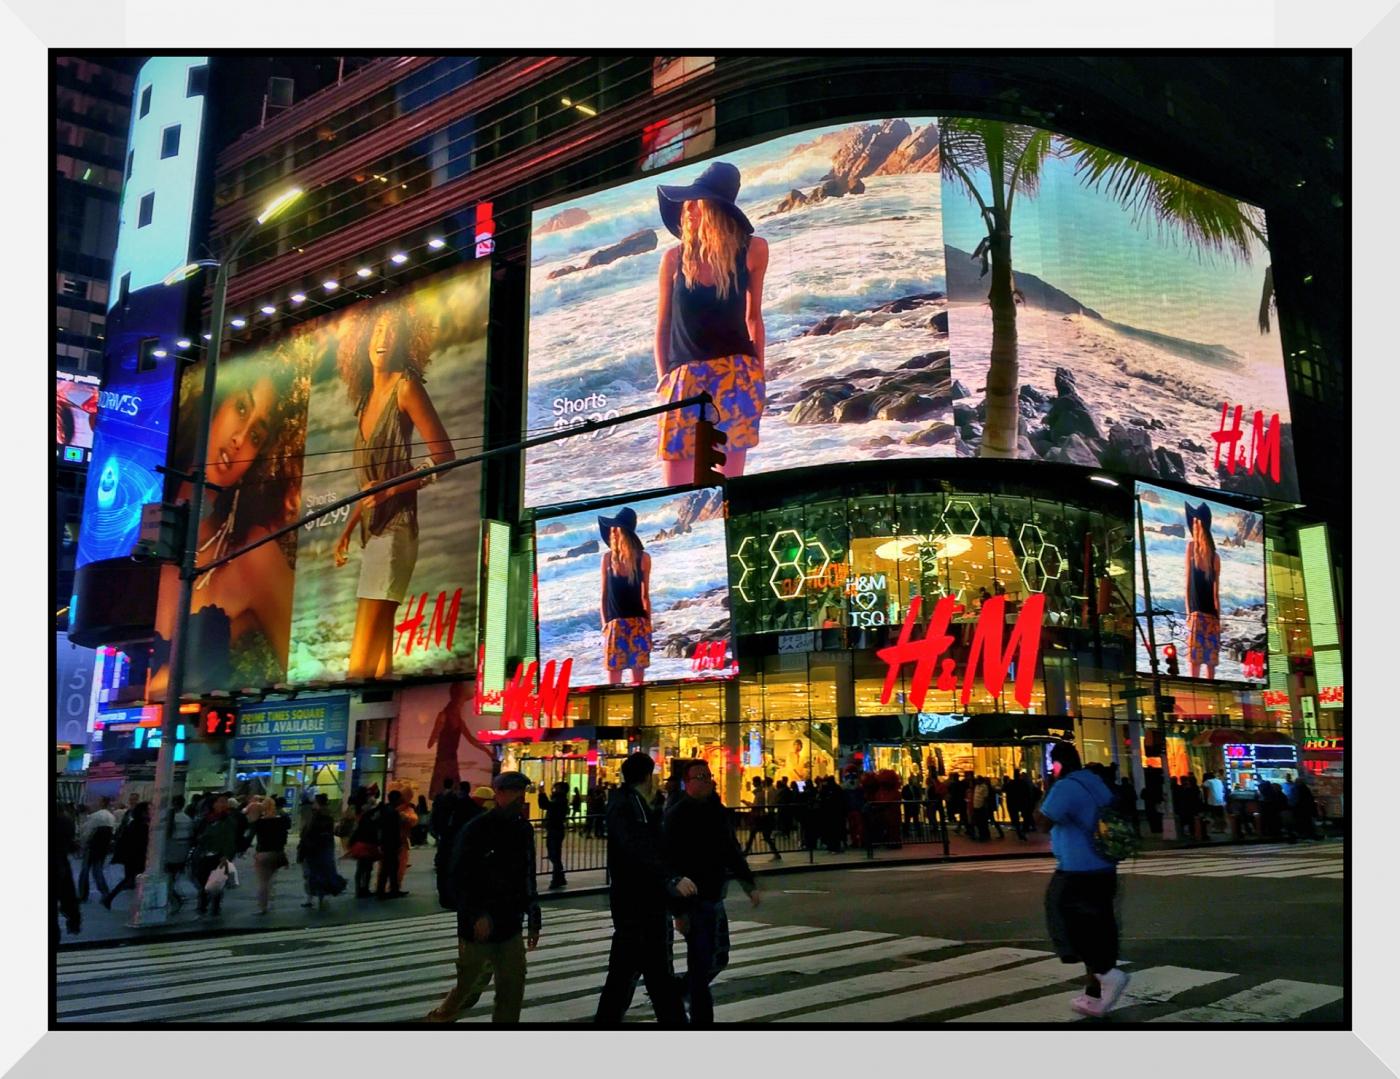 【盲流摄影】曼哈顿42街时报广场(手机扫街)_图1-26